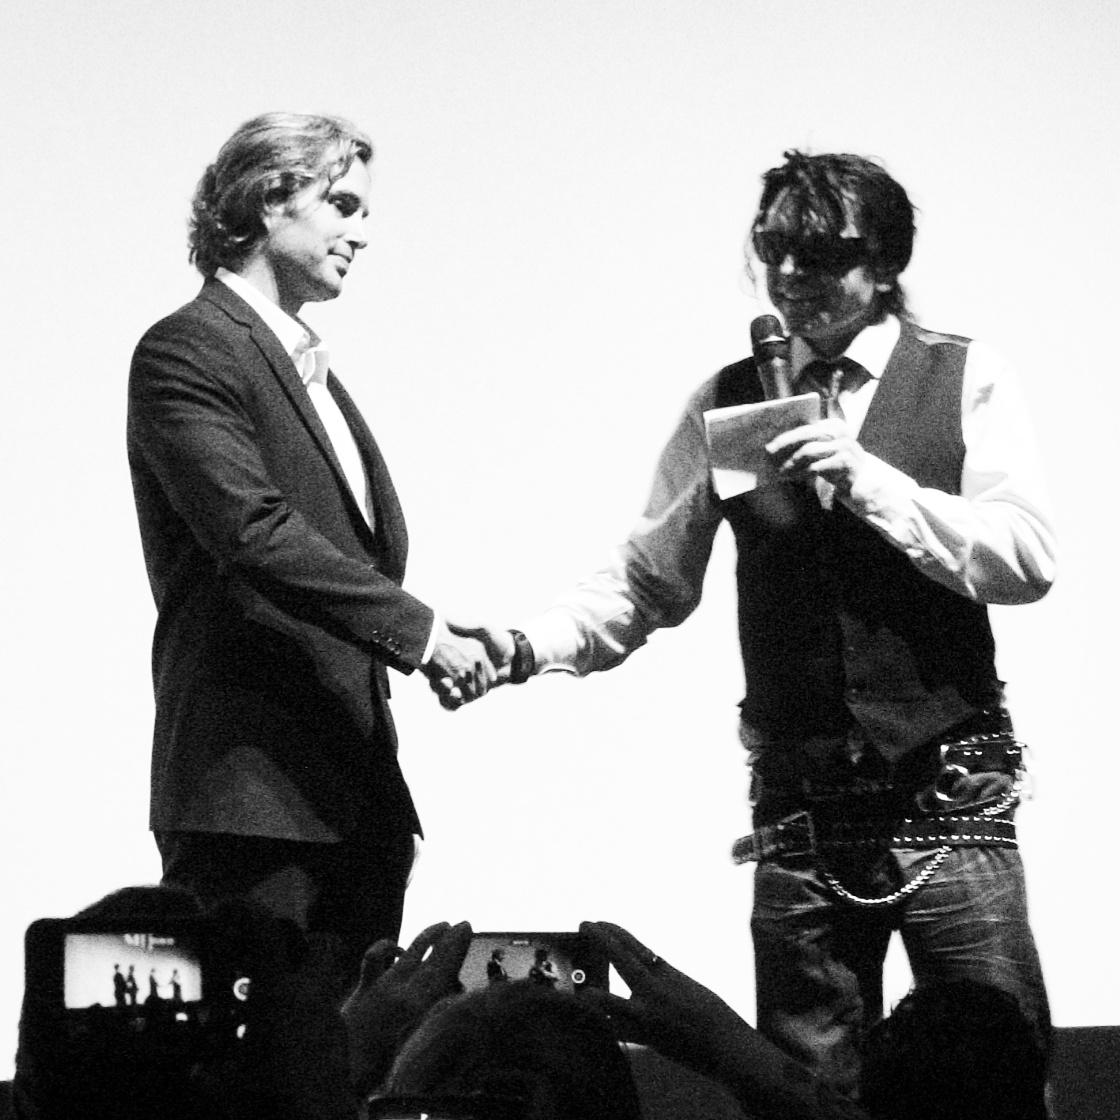 Greg Sestero + Tommy Wiseau